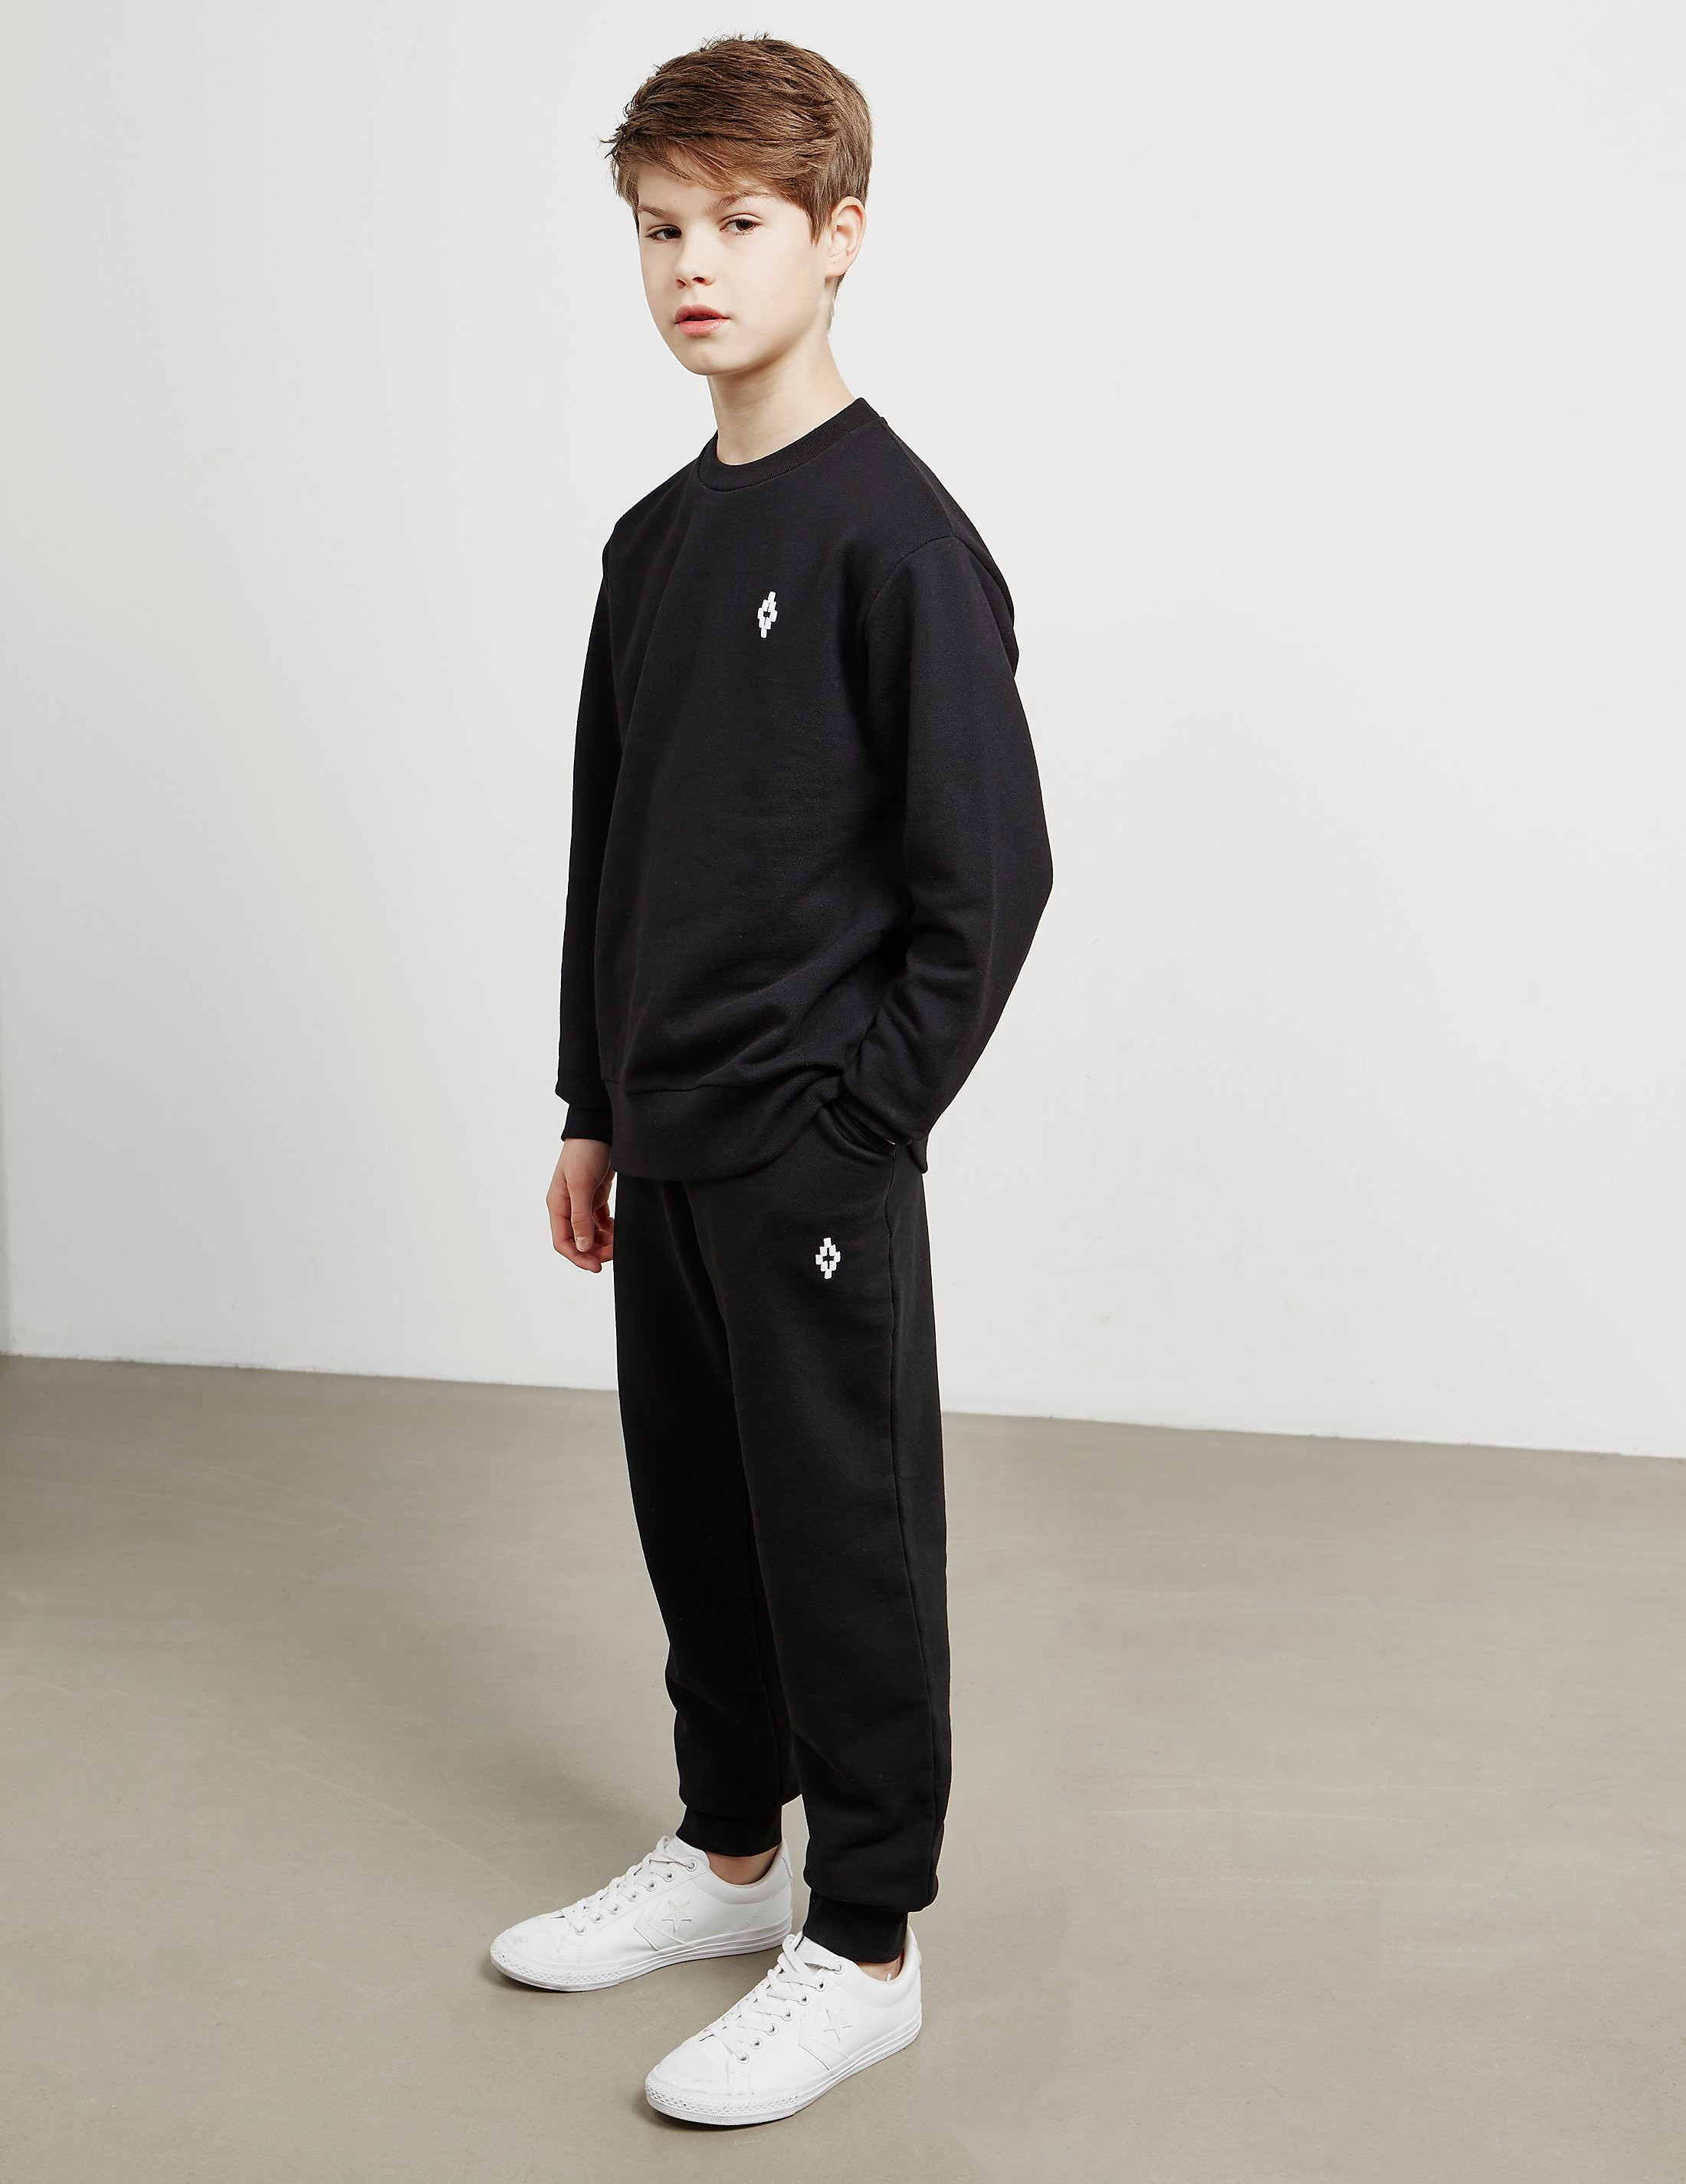 Marcelo Burlon Basic Sweatshirt